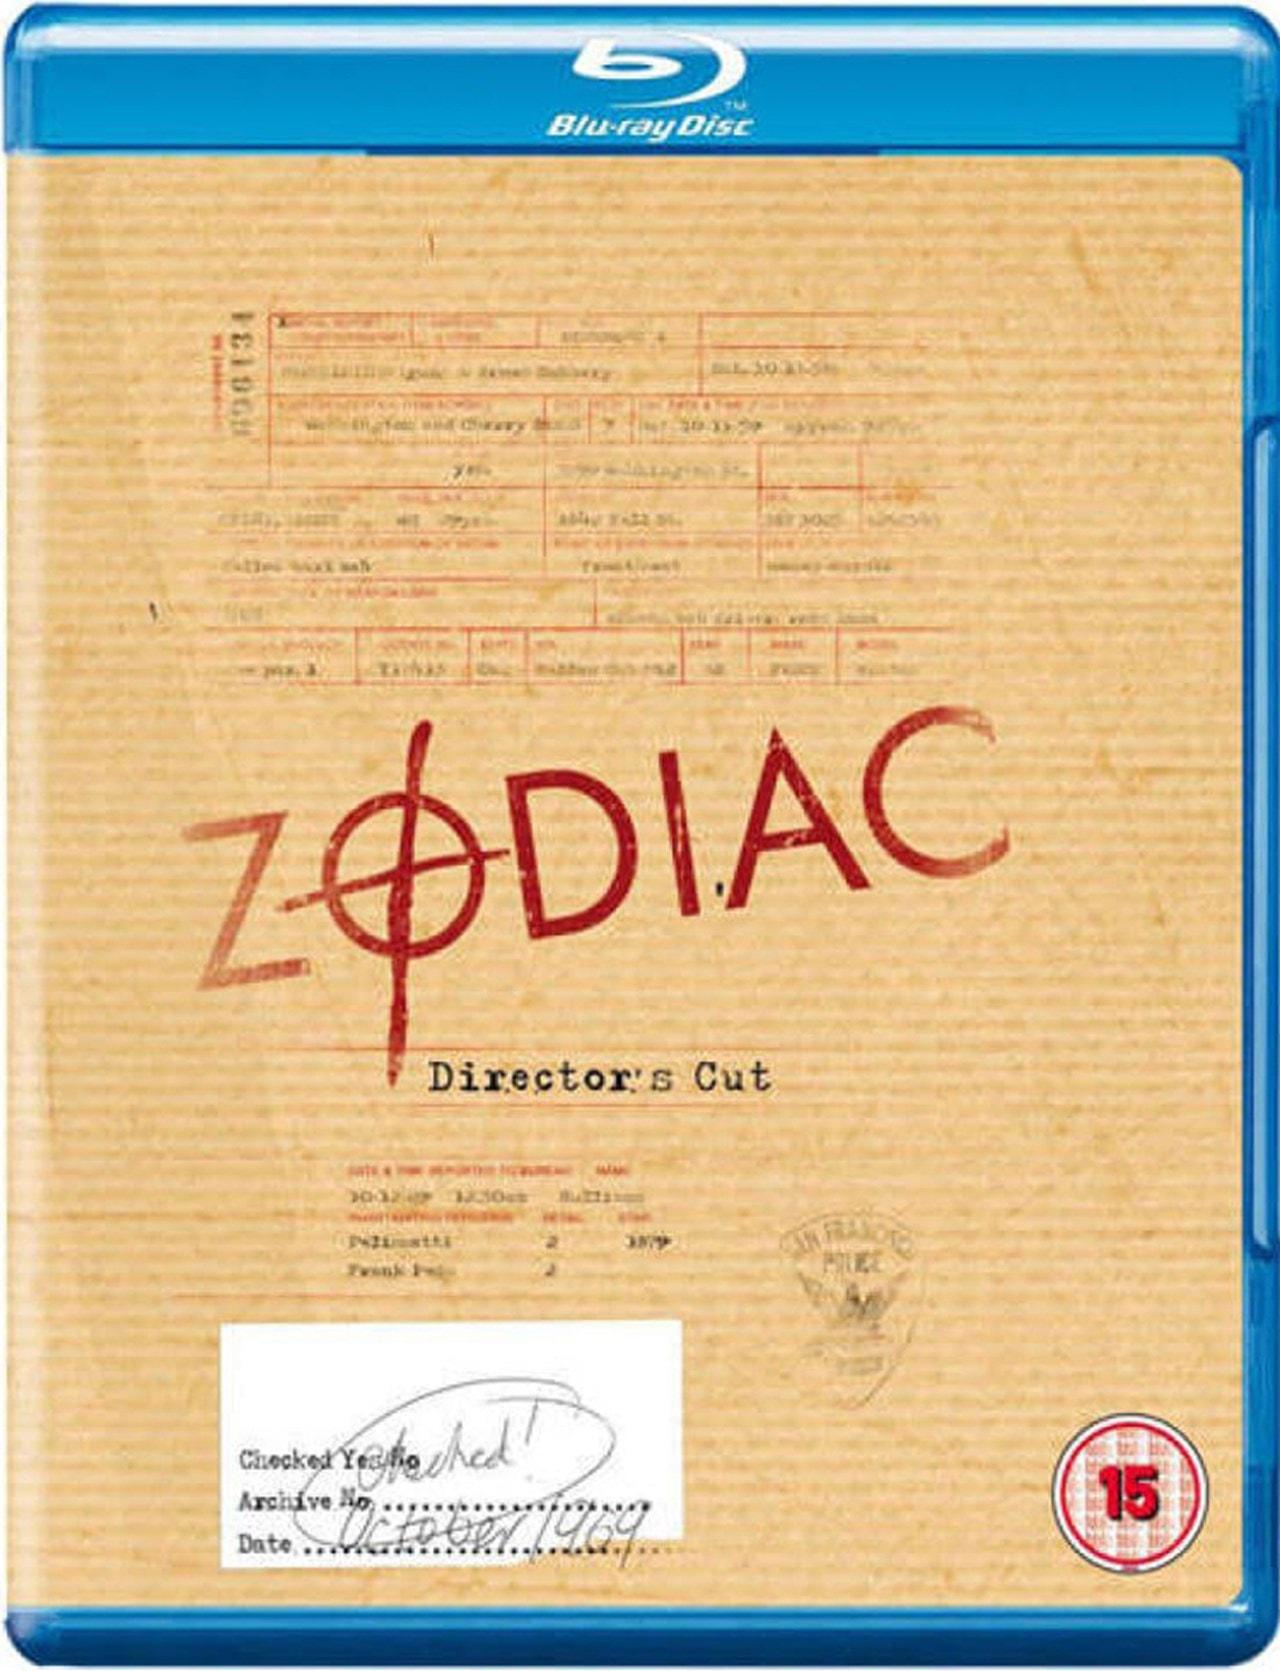 Zodiac: Director's Cut - 1